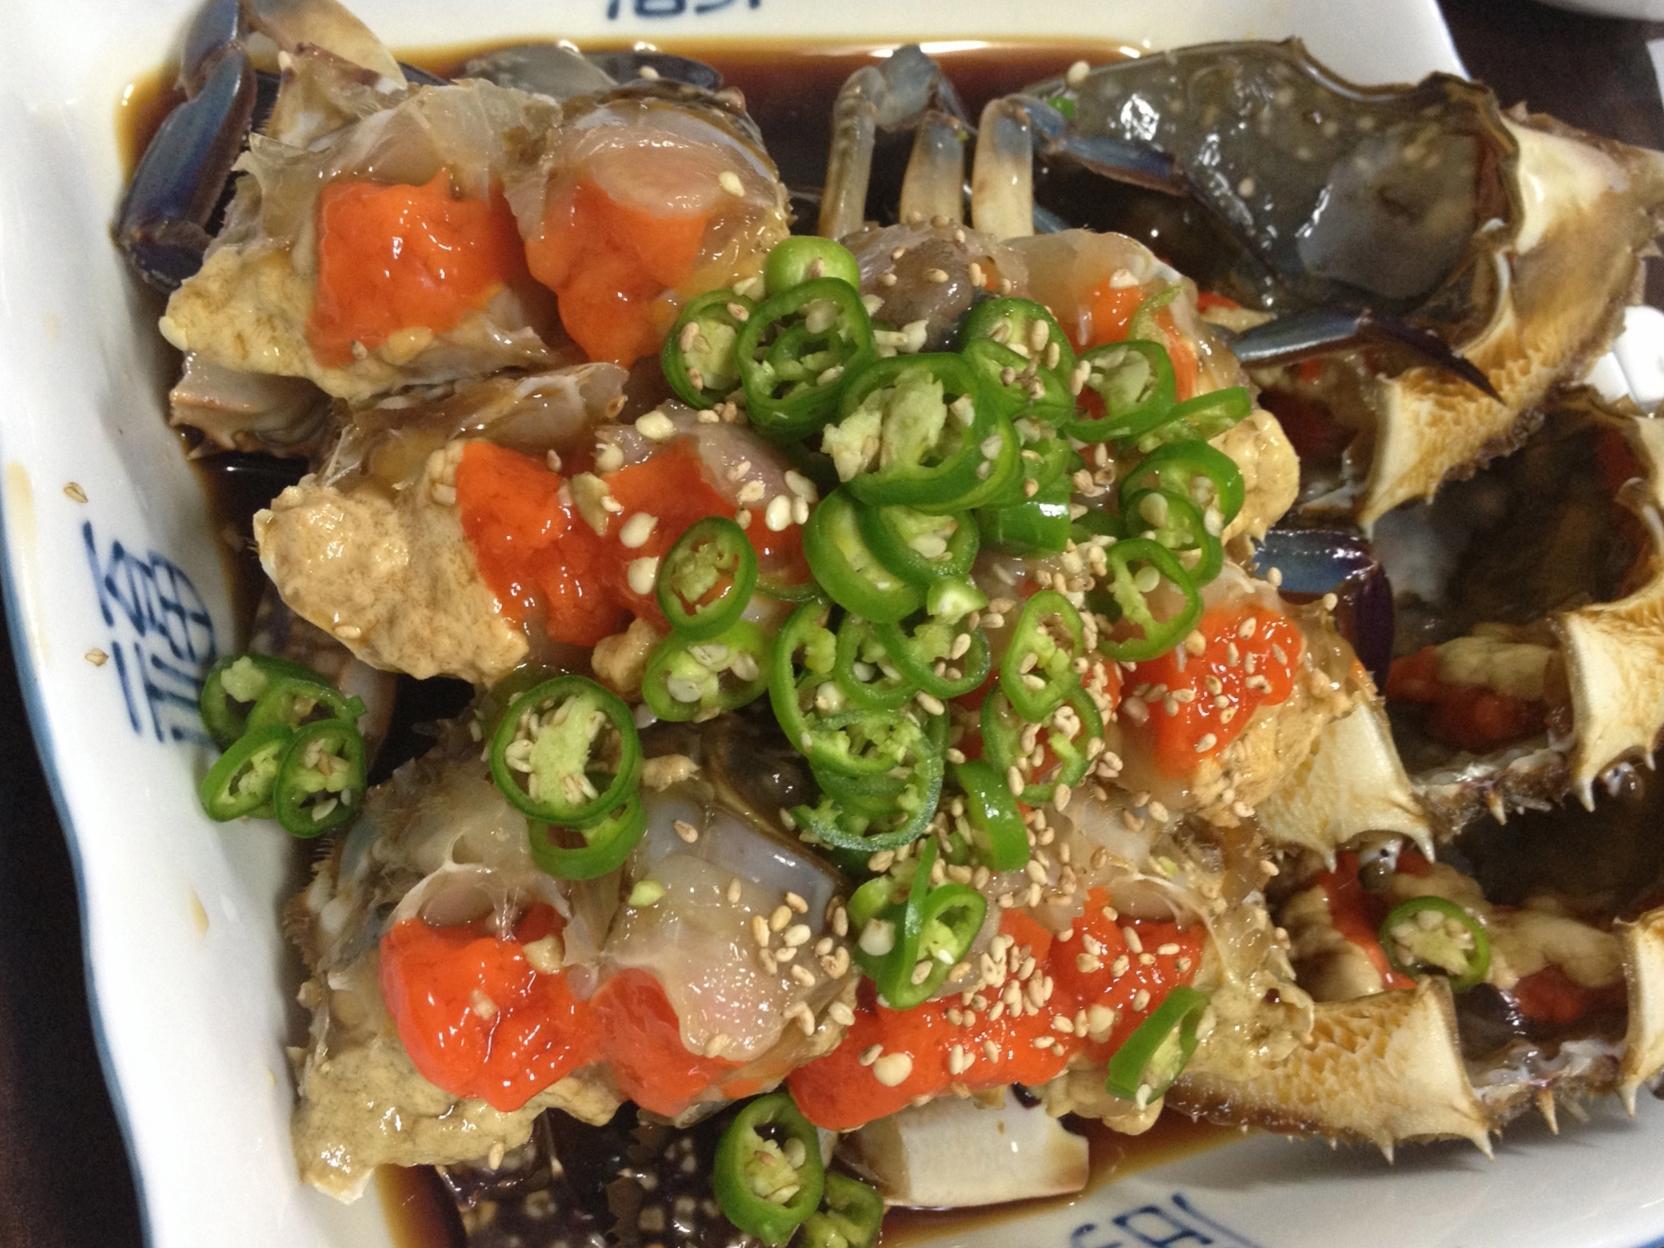 간장게장 (Ganjang Gaejang) - Rawcrab in a soy sauce marinade. Set menu priced at 31, 000won per person.   The difference that stands out at this places is the freshness of the blue crab and the flavour of the sauce. It's not too salty, and doesn't have that fishy seafood smell/taste that some places have. Since it is a specialty restaurant, you can tell they focus their quality on the one dish they have!